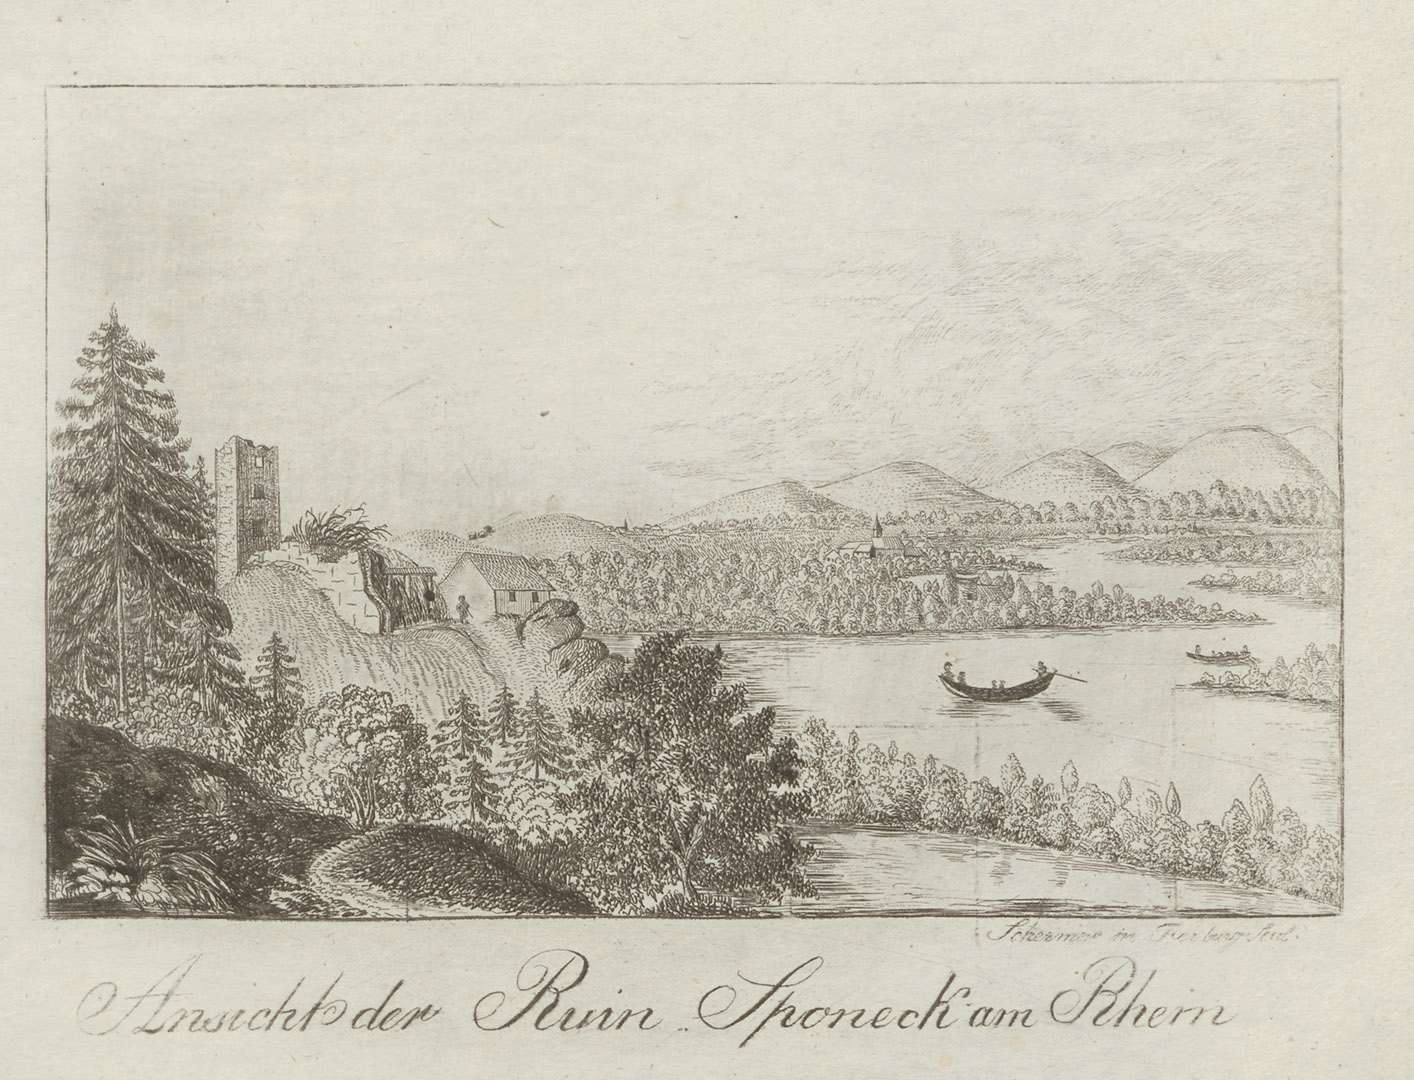 Ansicht der Ruin Sponeck am Rhein, Bild 1